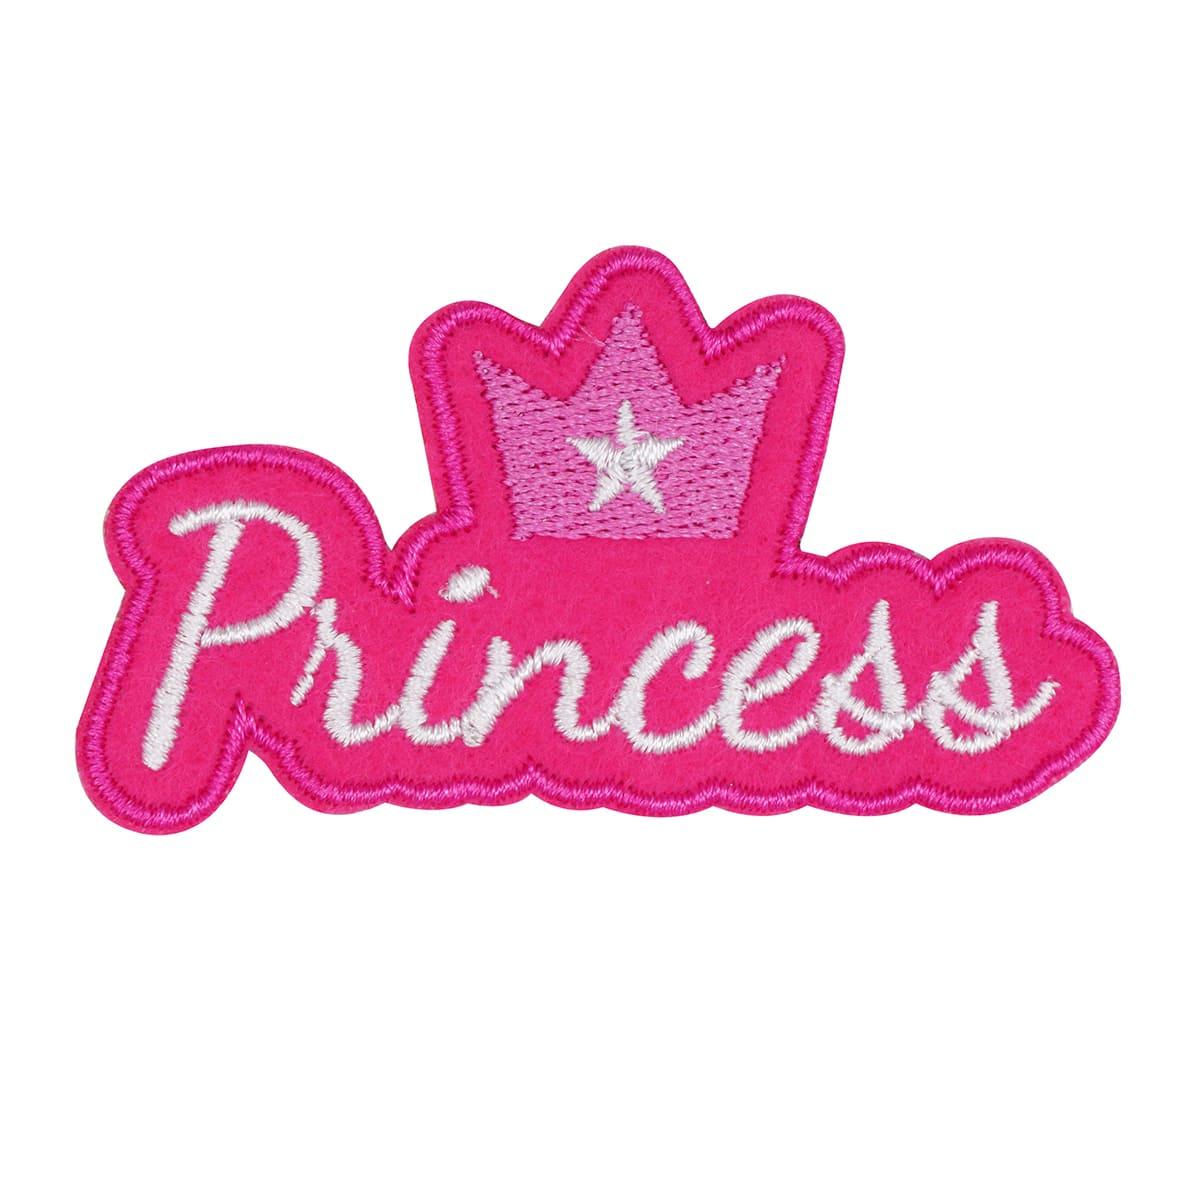 Термоаппликация 'Princess', 7*4см